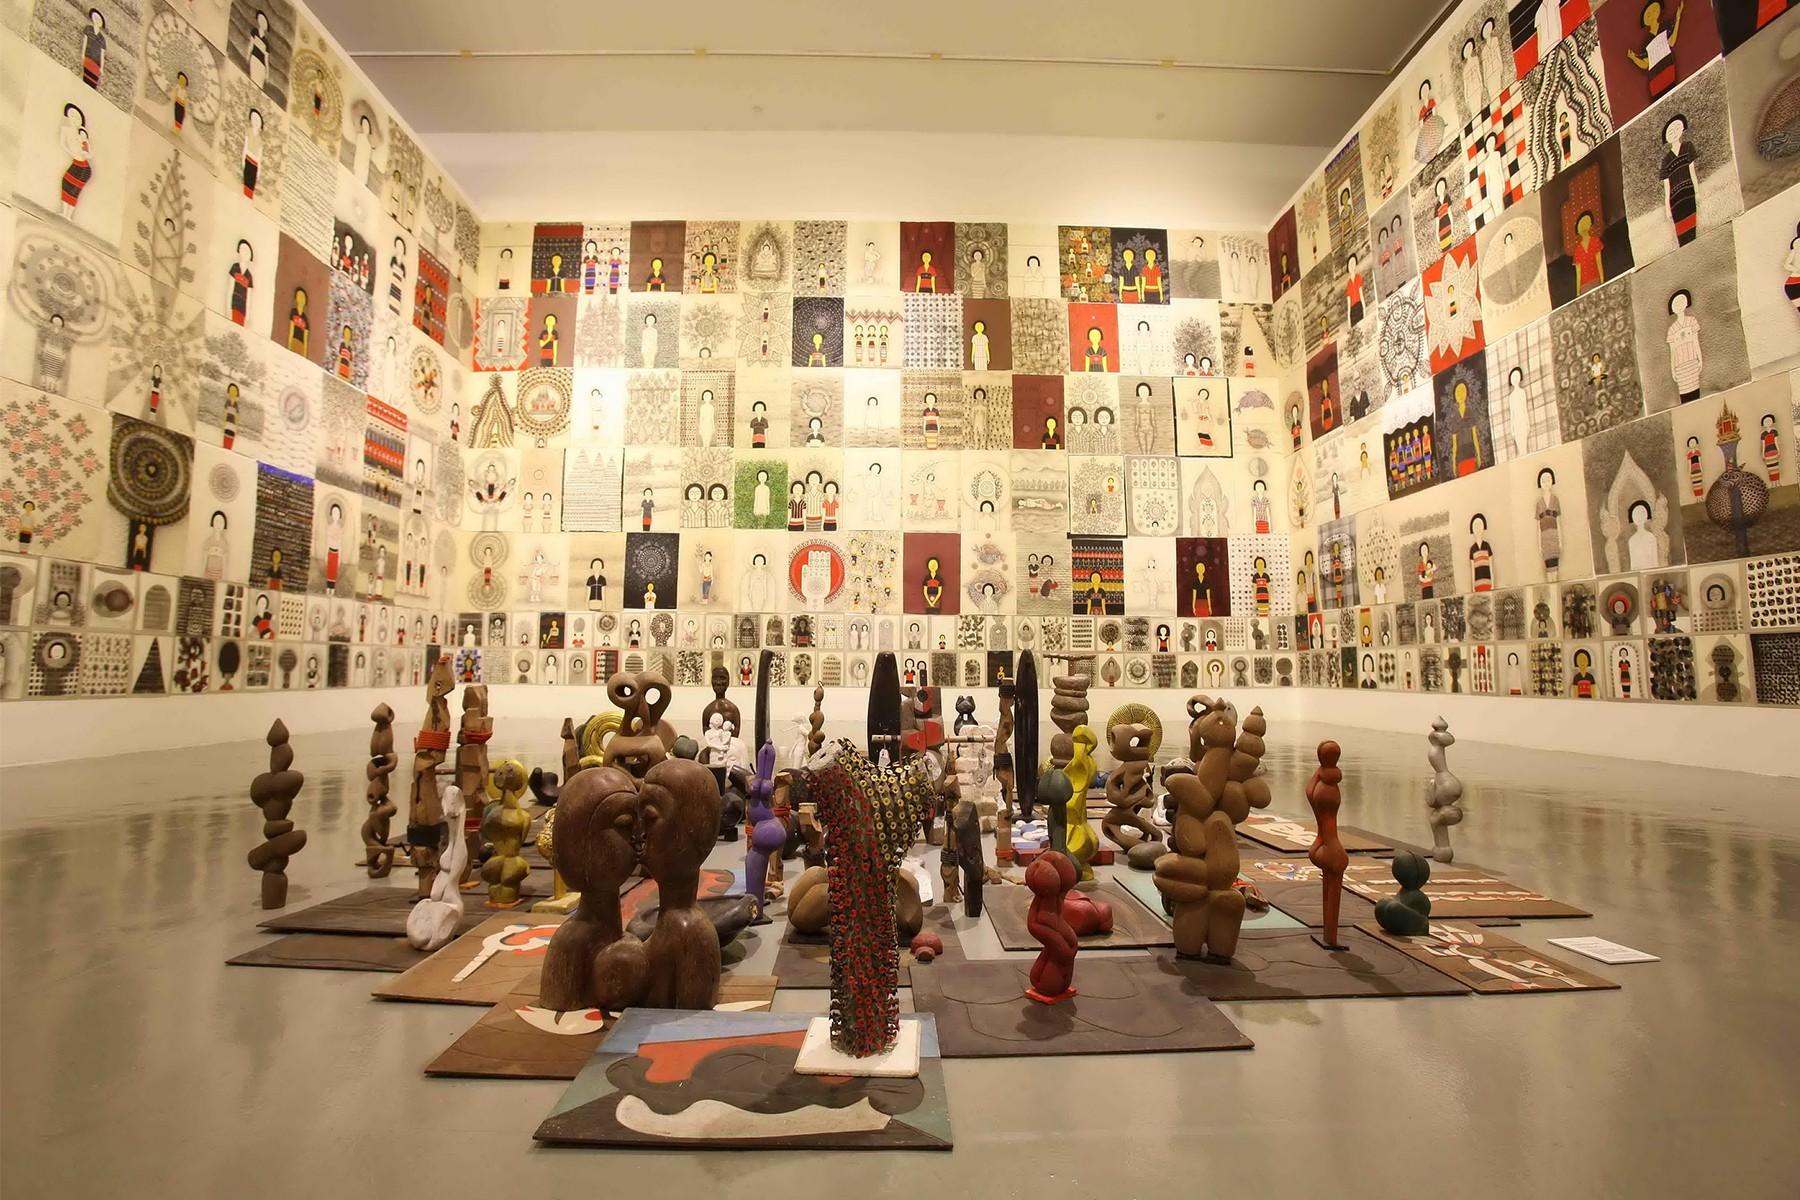 bacc2  1800 x 1200 - Mempelajari Seni Kontemporer di Bangkok Art and Culture Centre (BACC)